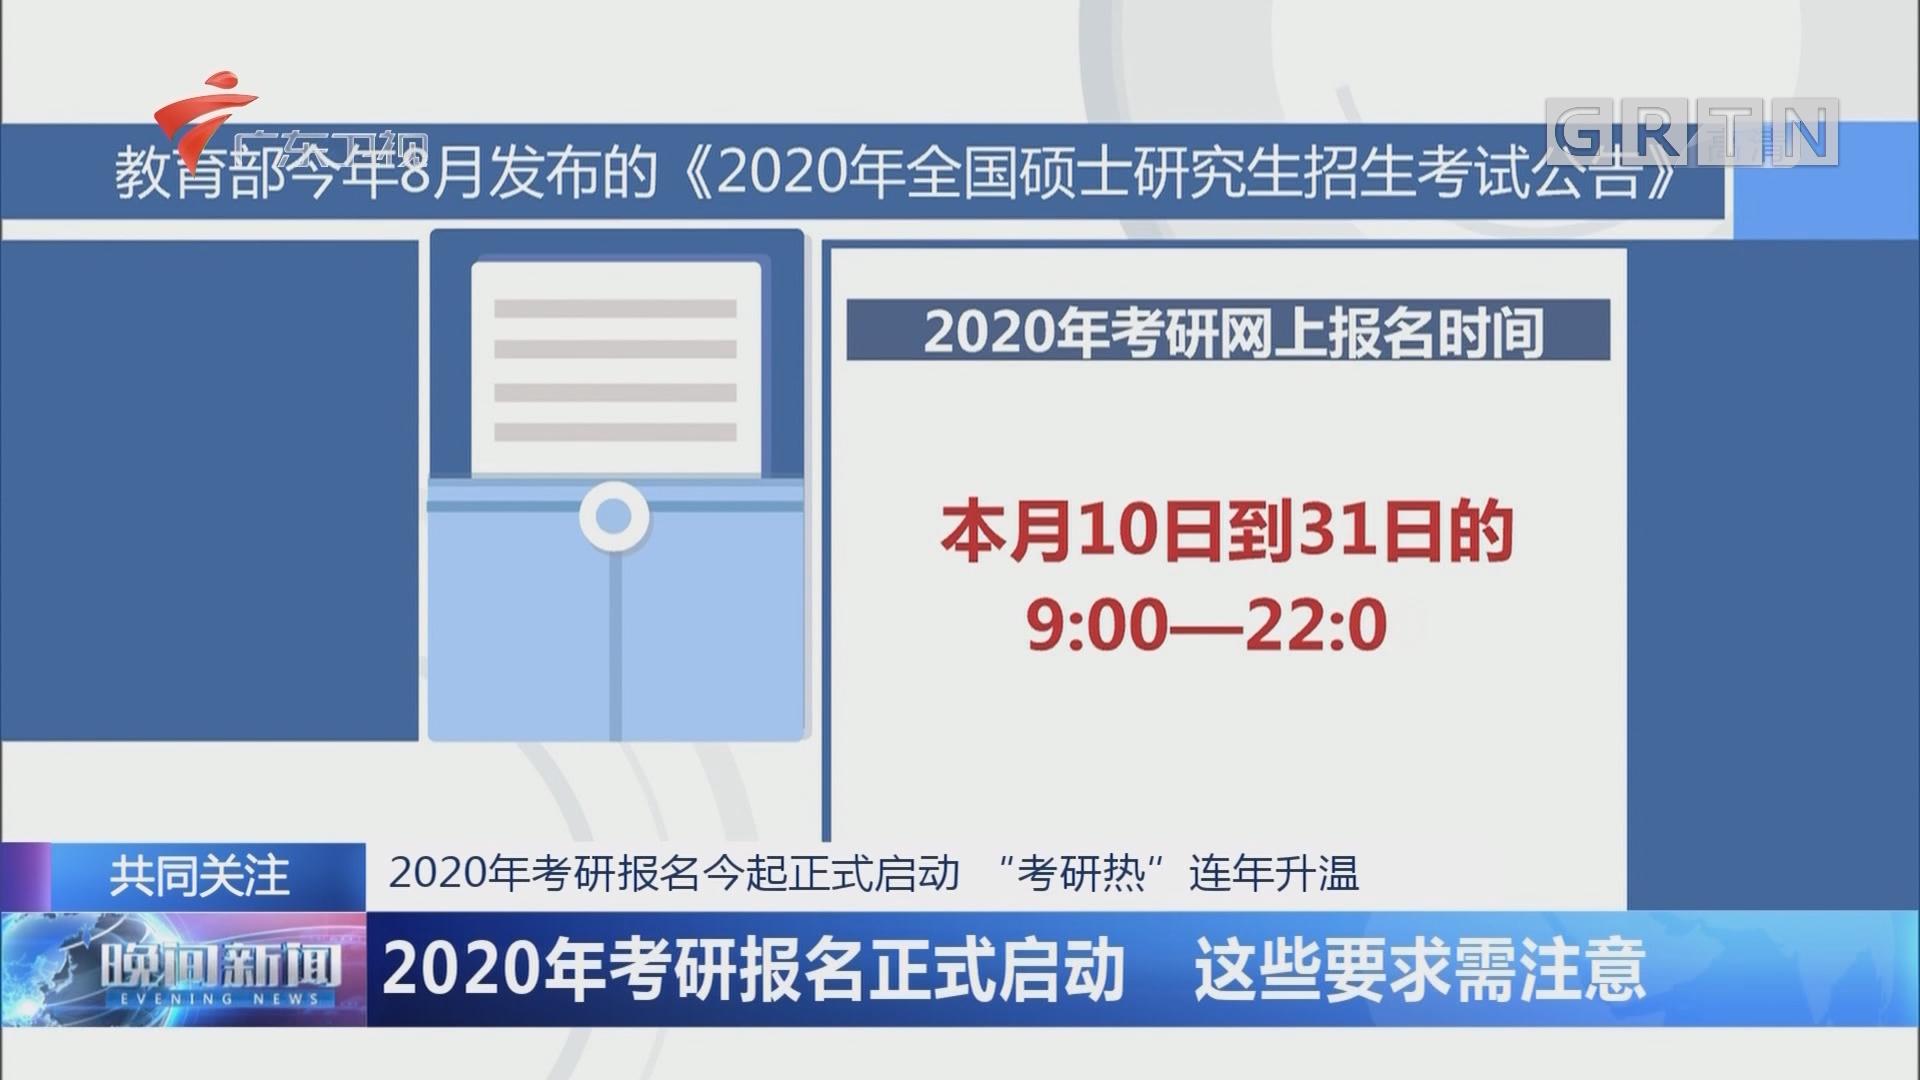 """2020年考研报名今起正式启动 """"考研热""""连年升温:2020年考研报名正式启动 这些要求需注意"""